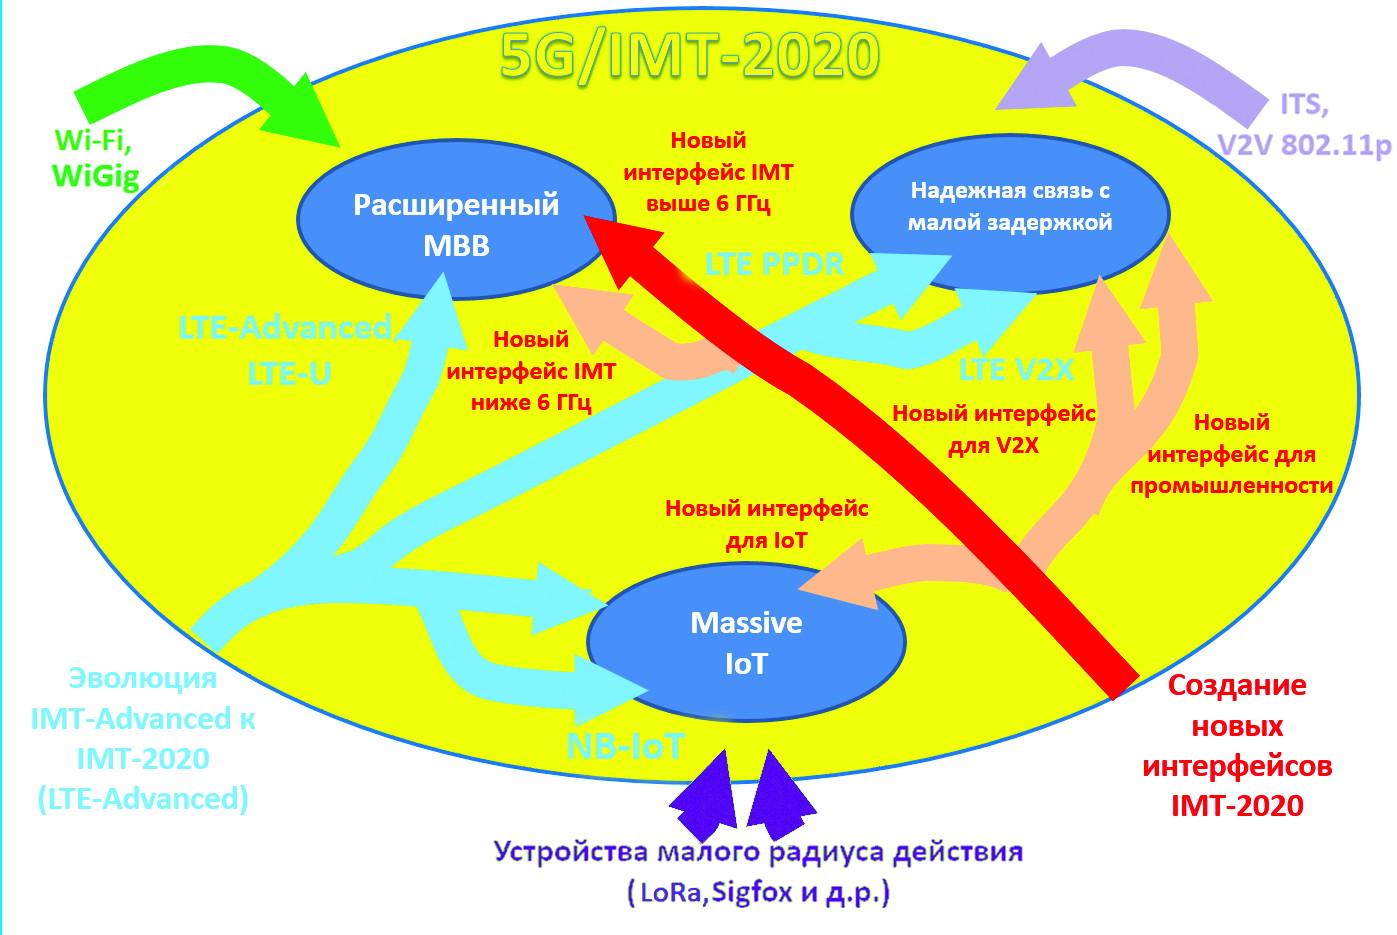 Рисунок 3. Многообразие радиоинтерфейсов 5G/IMT-2020